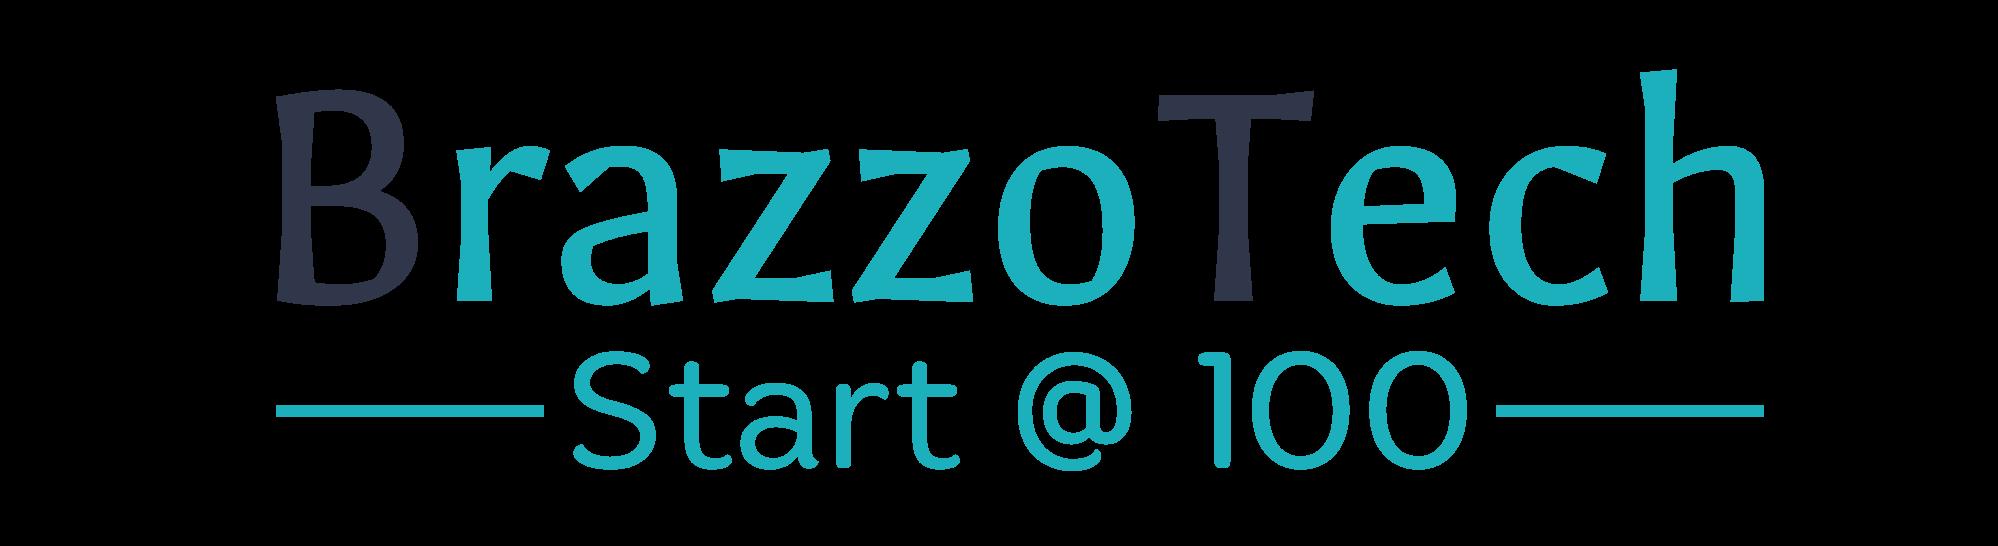 BrazzoTech – Start @ 100